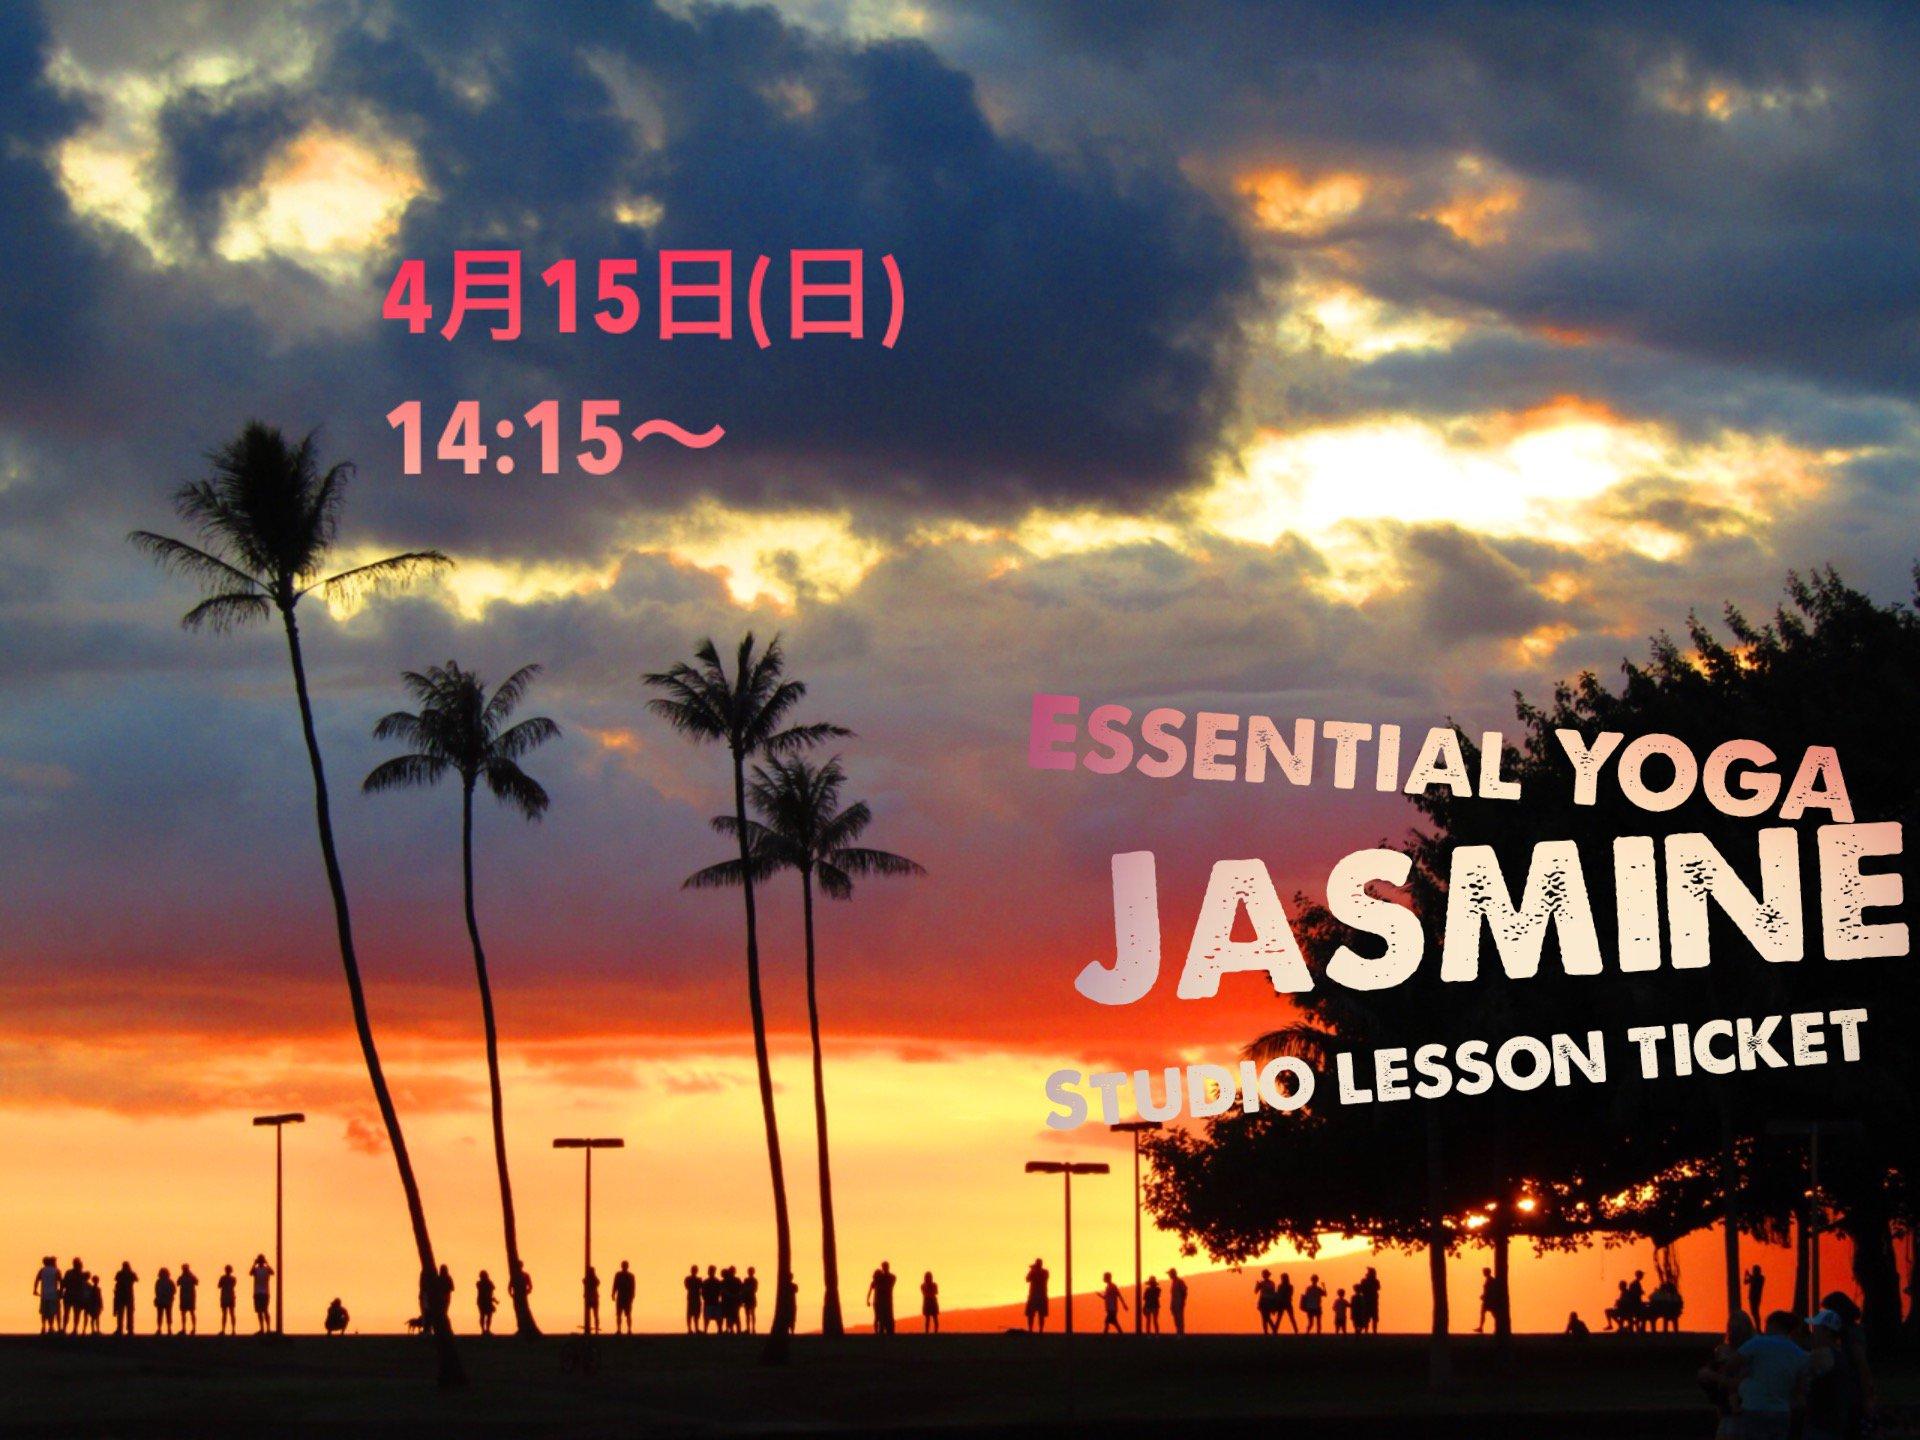 【ビジター】4月15日(日)エッセンシャルヨガ・スタジオレッスンのイメージその1